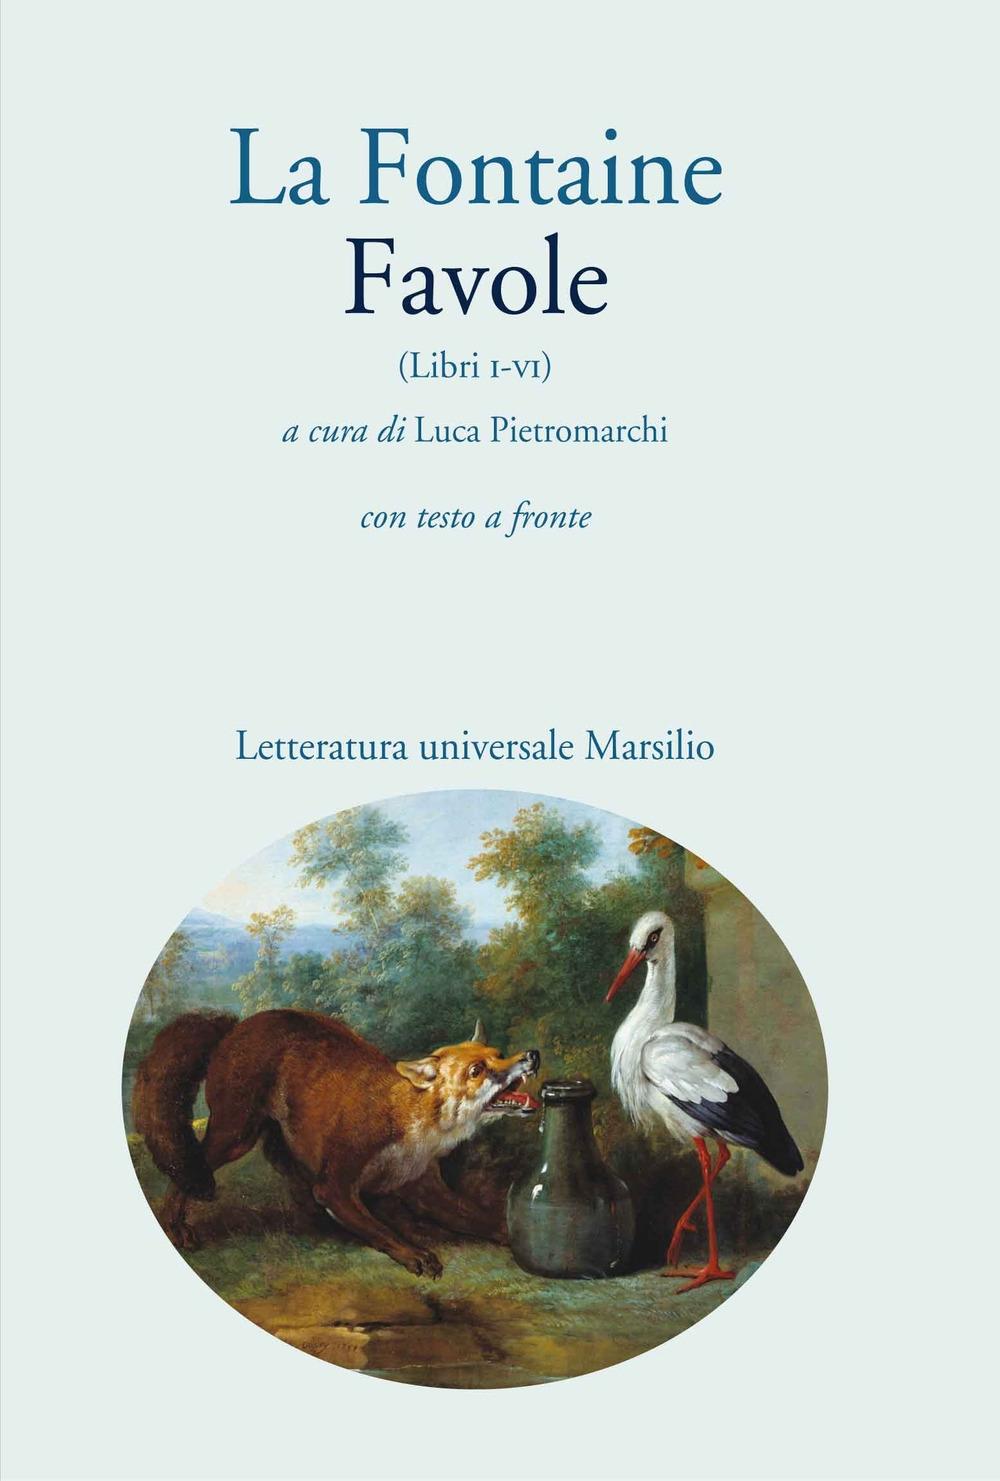 Favole. Libri I-VI. Testo francese a fronte